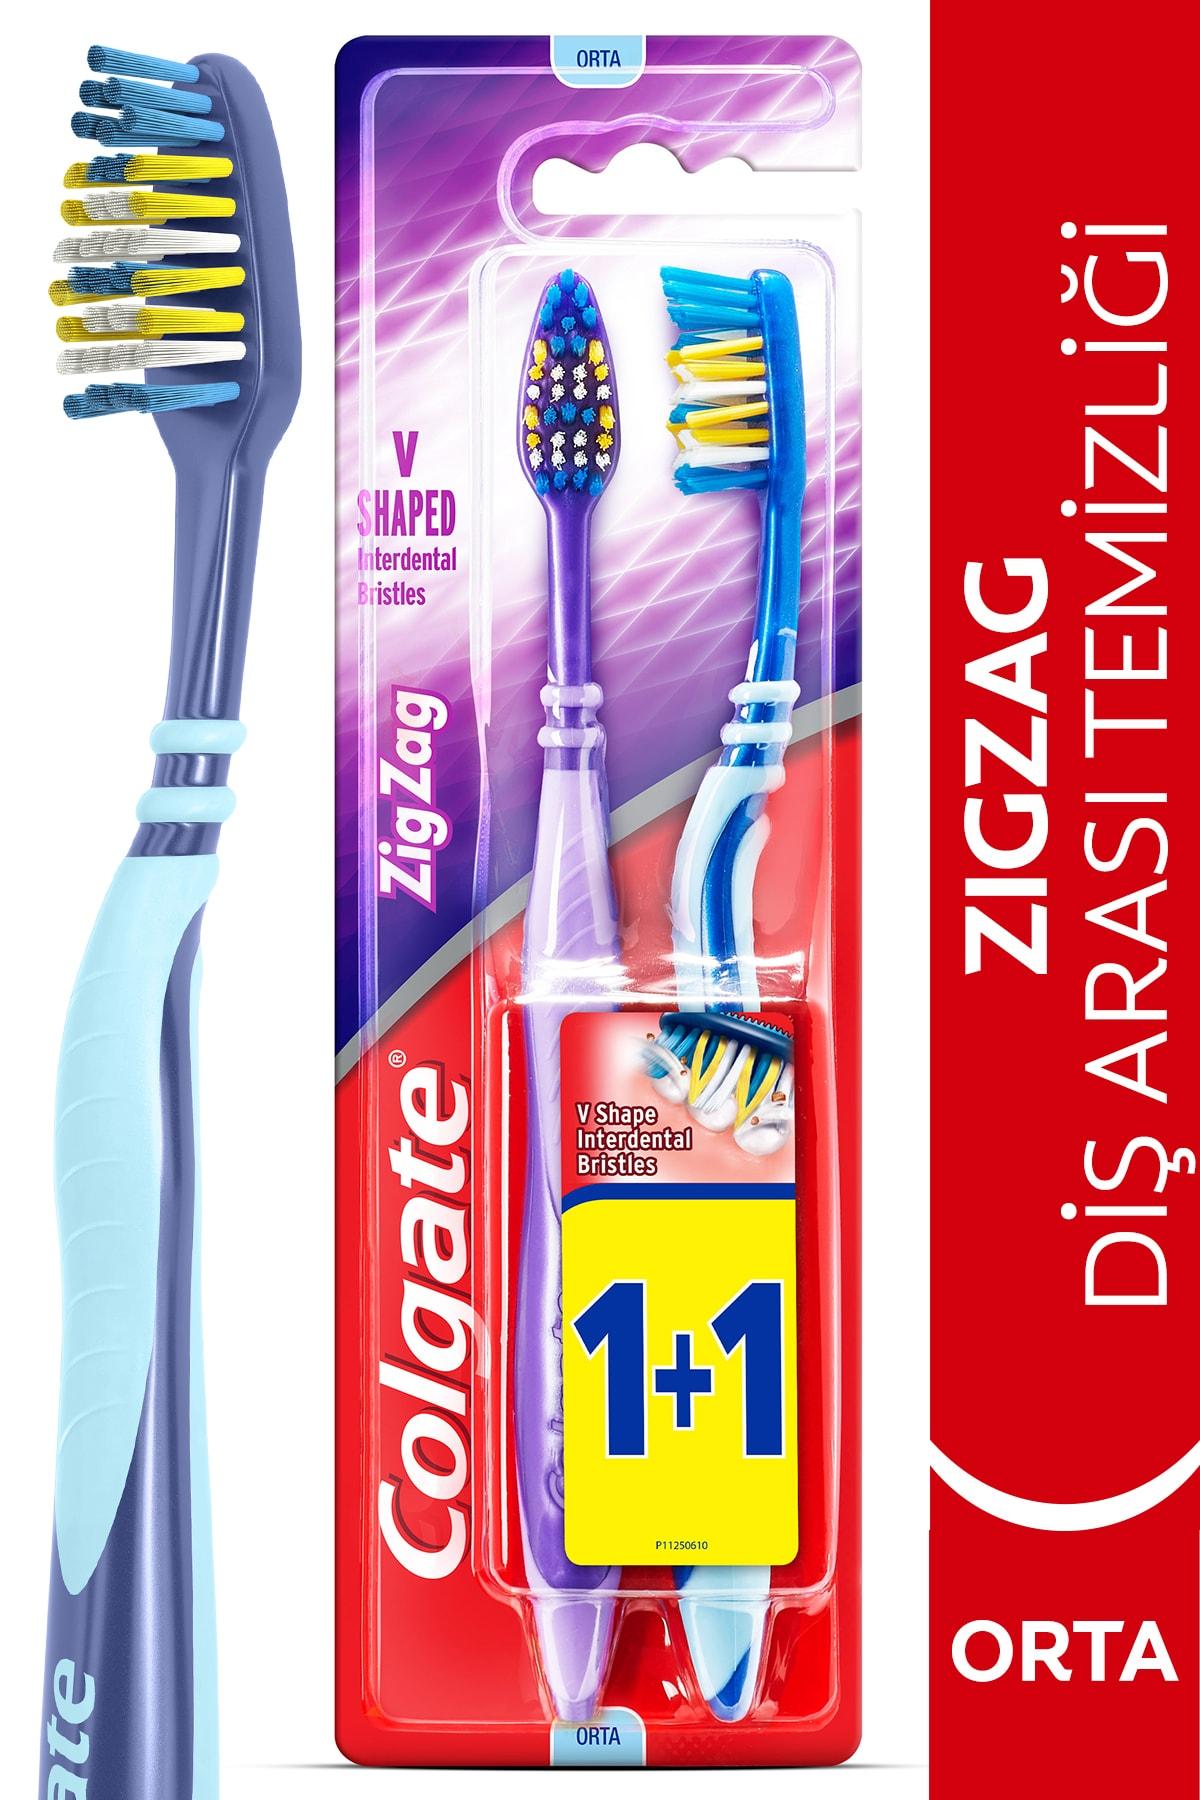 Zig Zag Diş Arası TemizliğiOrta Diş Fırçası 1+1